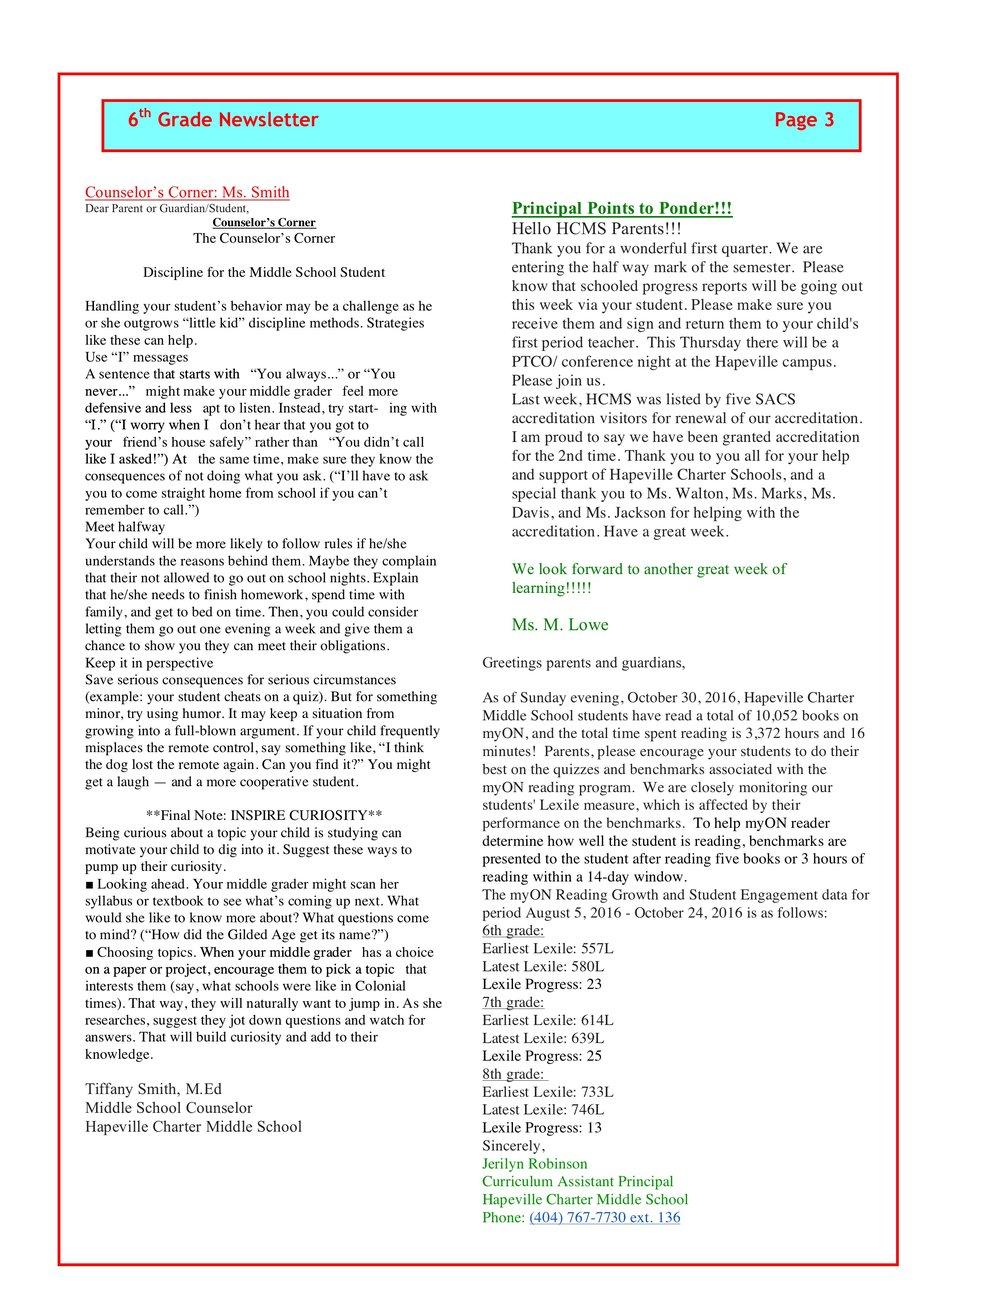 Newsletter Image6th Grade Newsletter 10-31-2016 3.jpeg